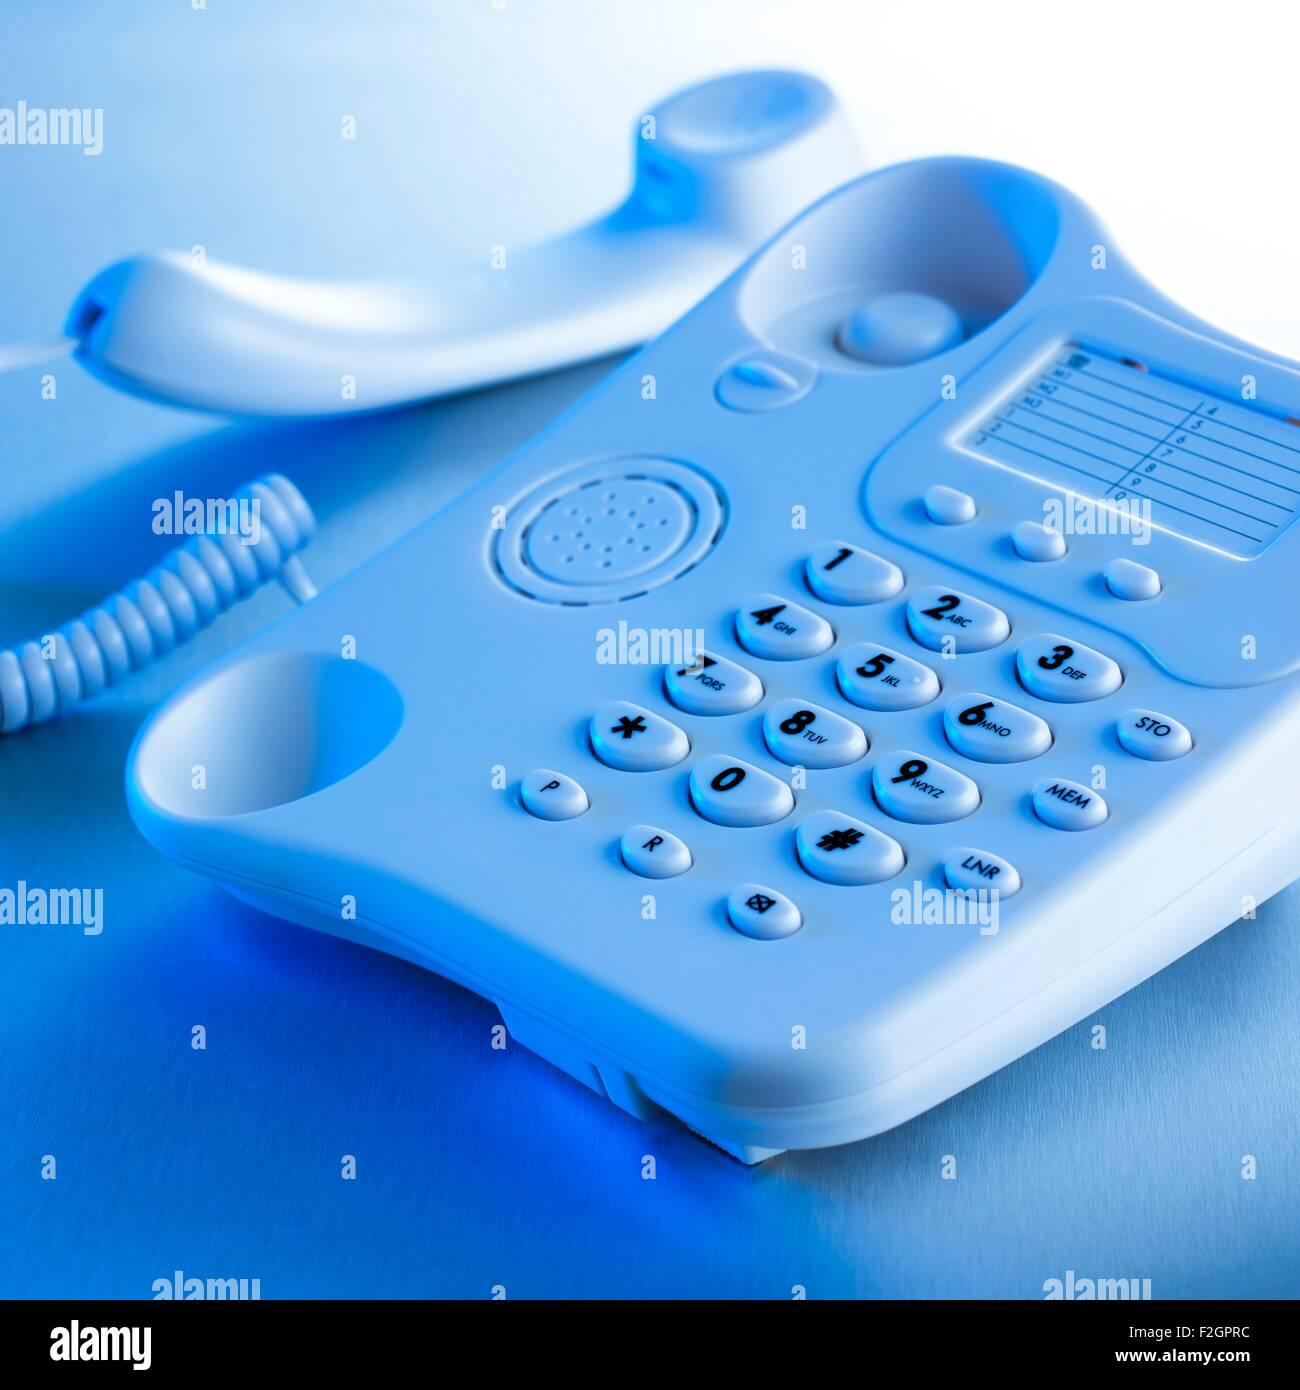 Landline telephone - Stock Image